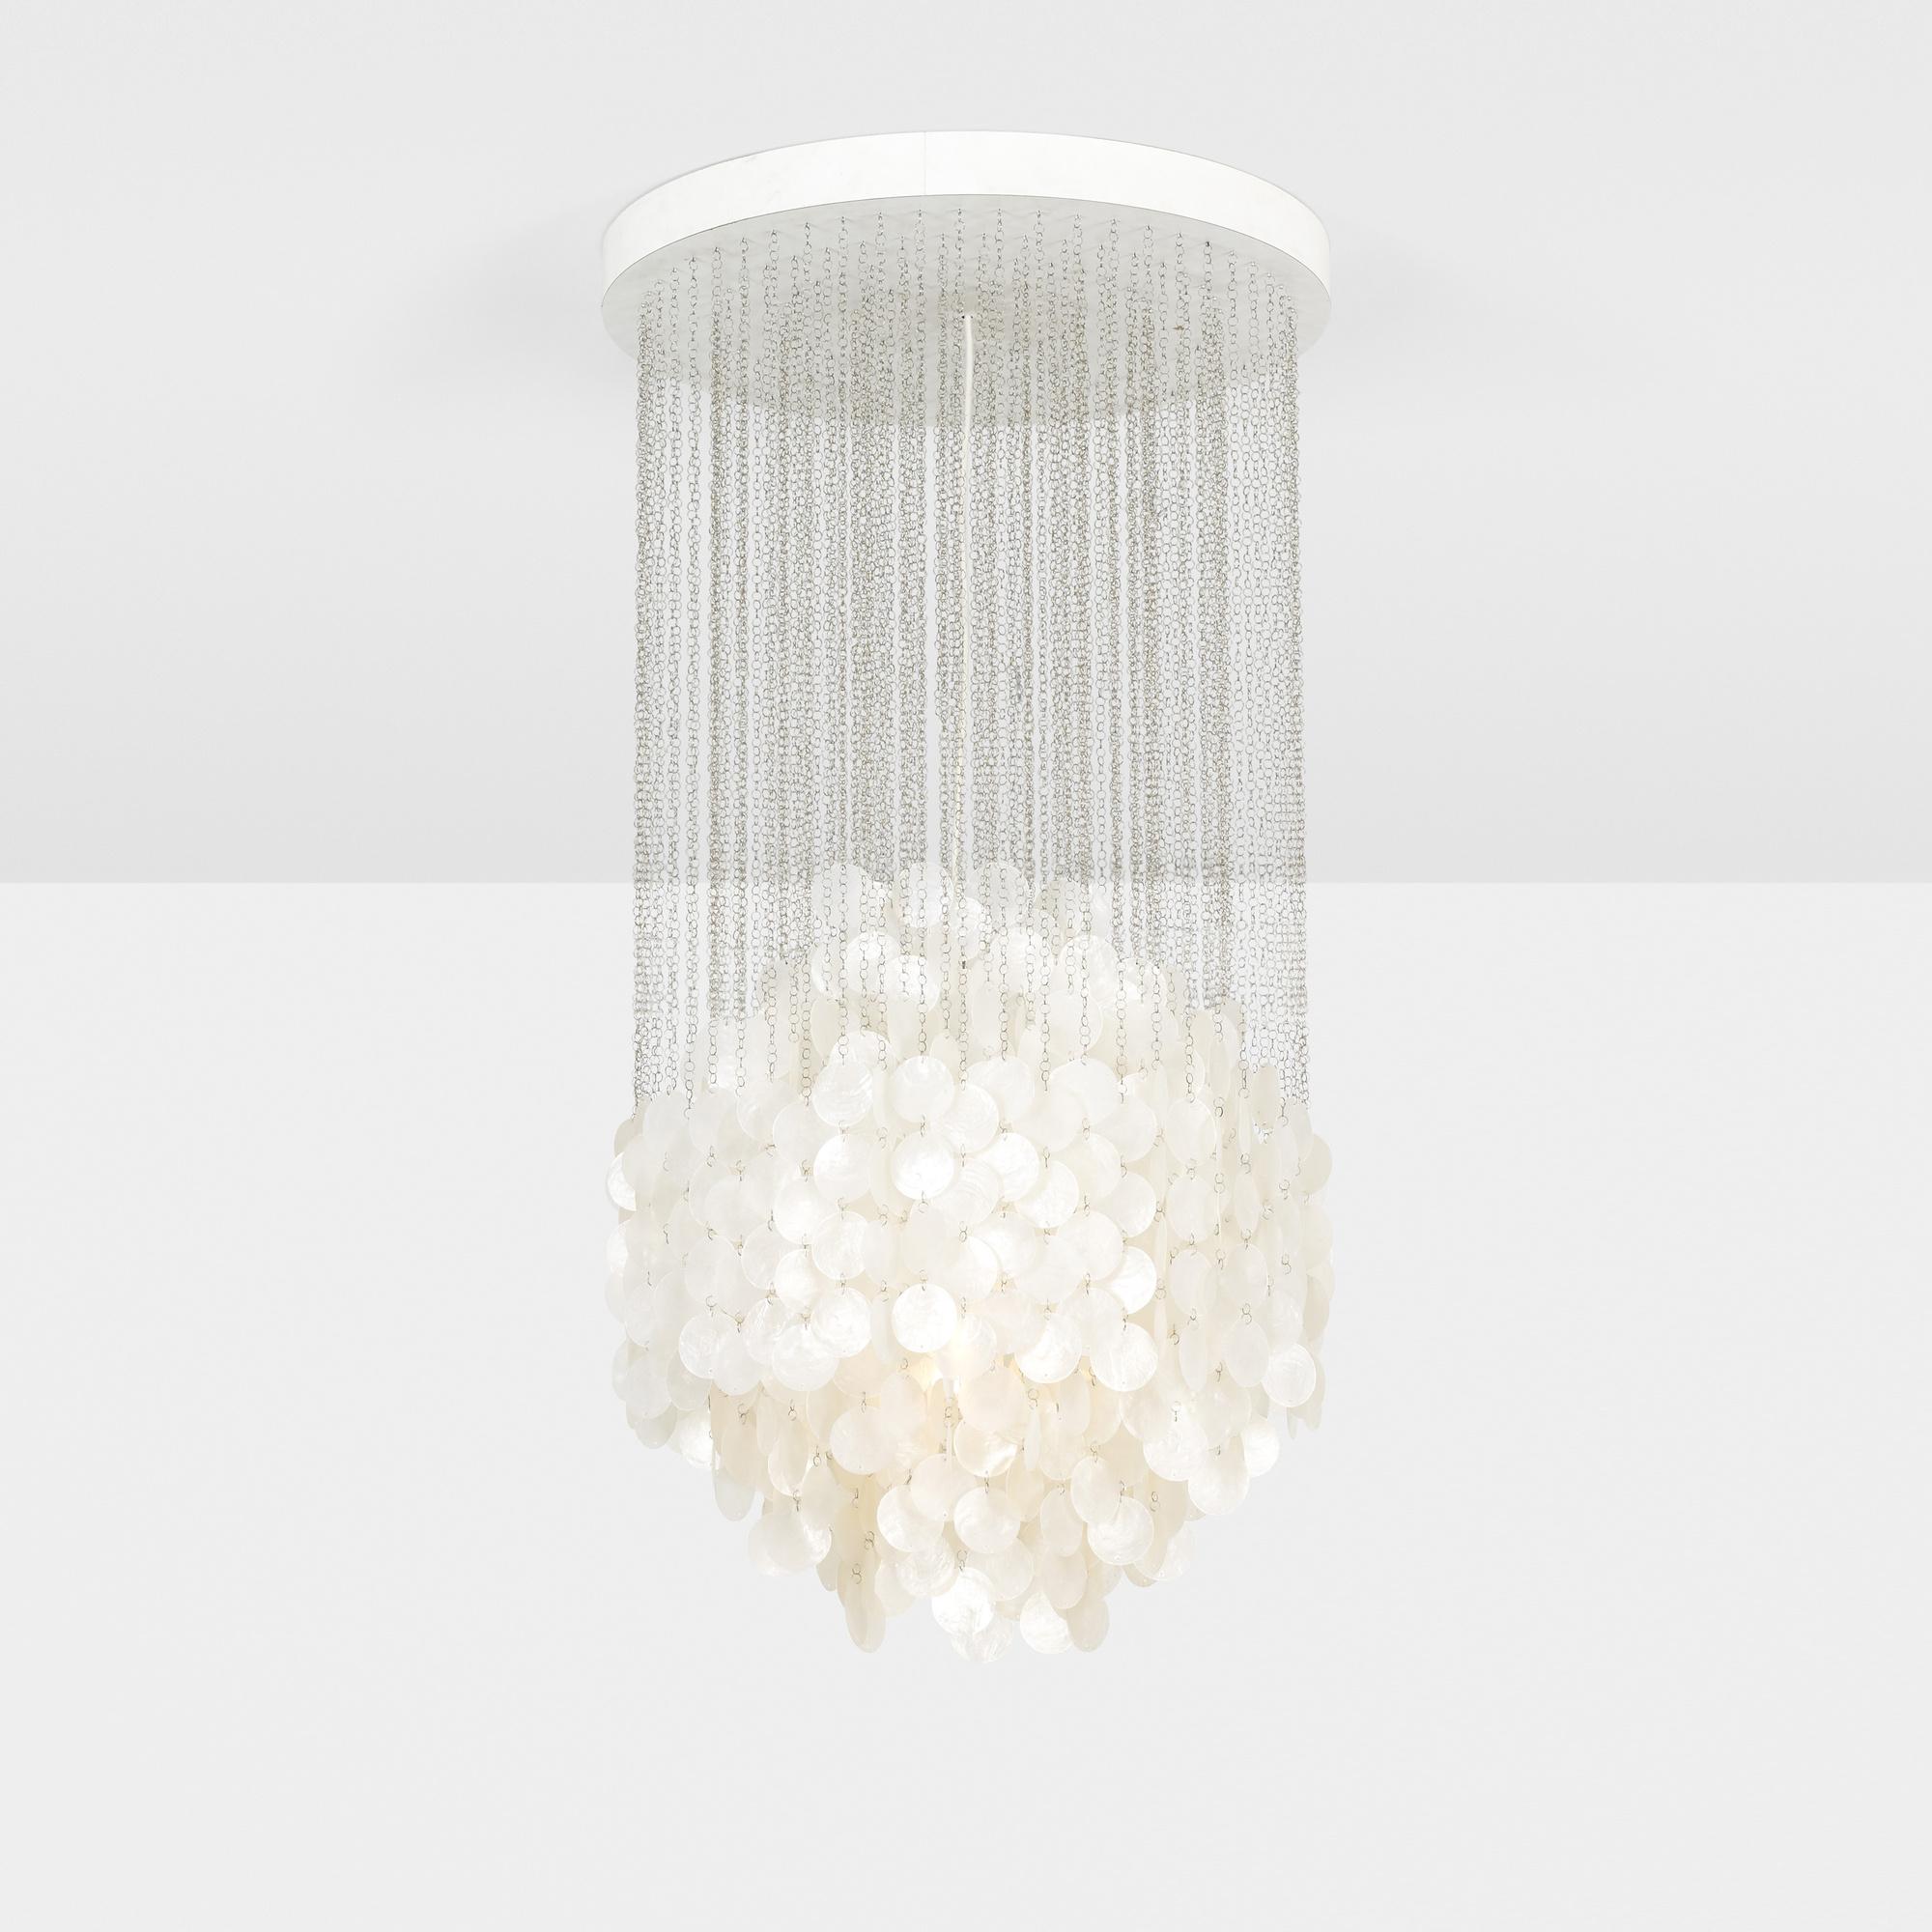 168: Verner Panton / Fun 4 DM hanging lamp (1 of 2)